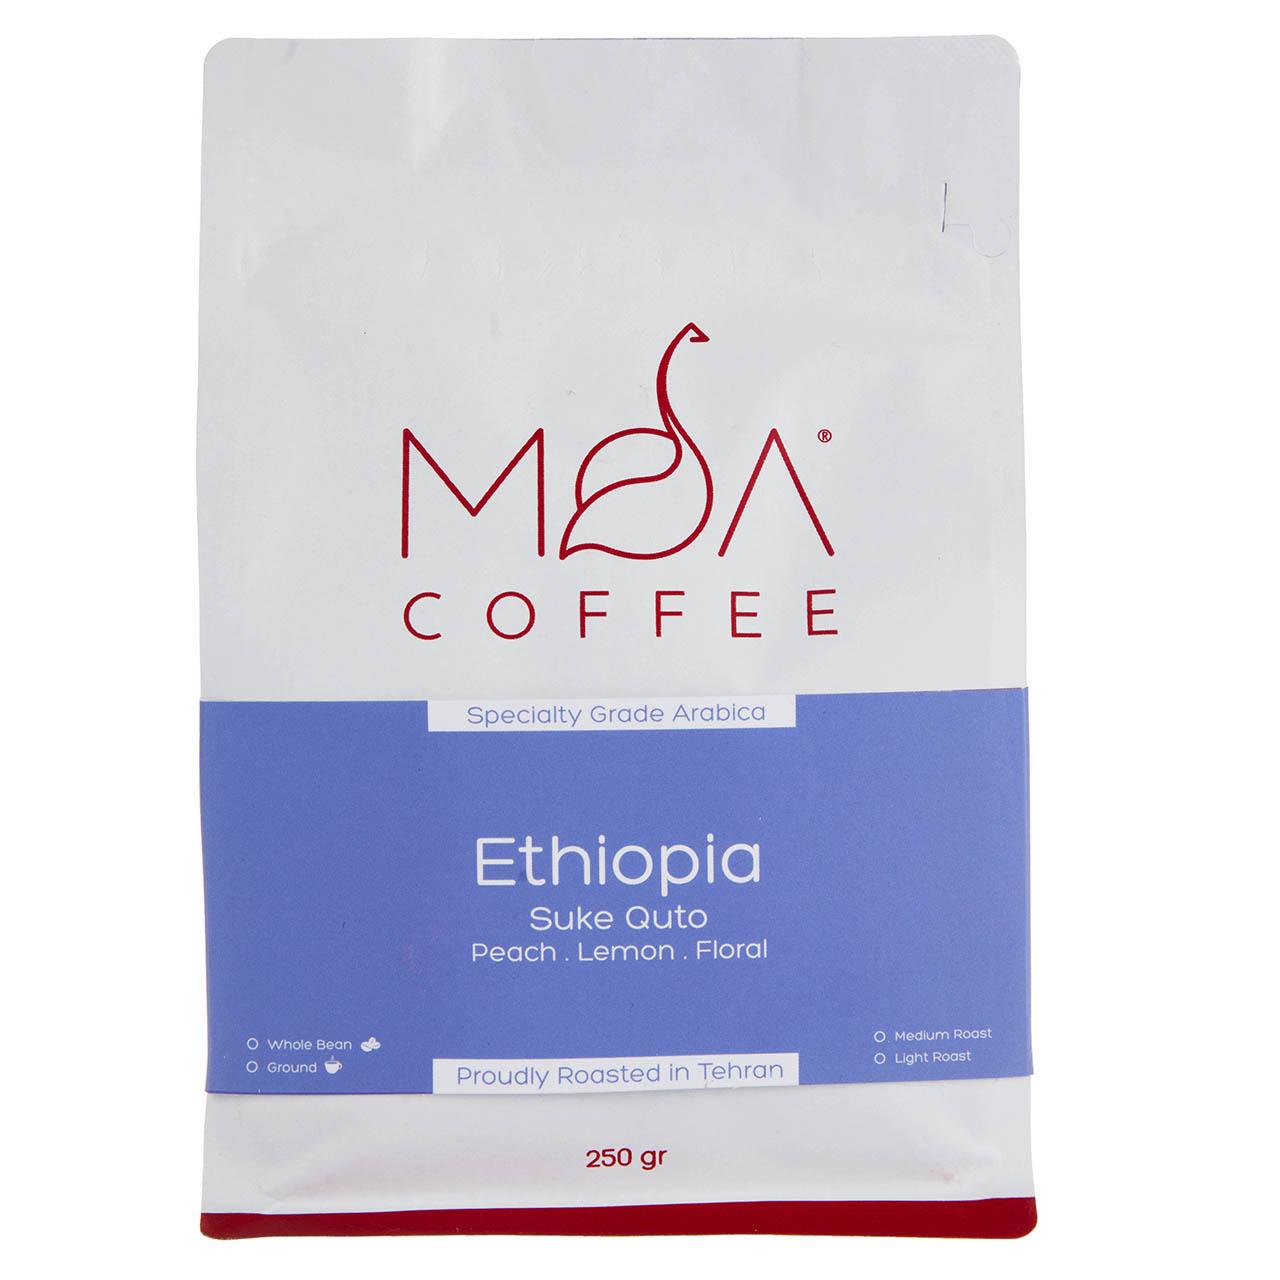 دانه قهوه Ethiopia Suke Quto موآ مقدار 250 گرم